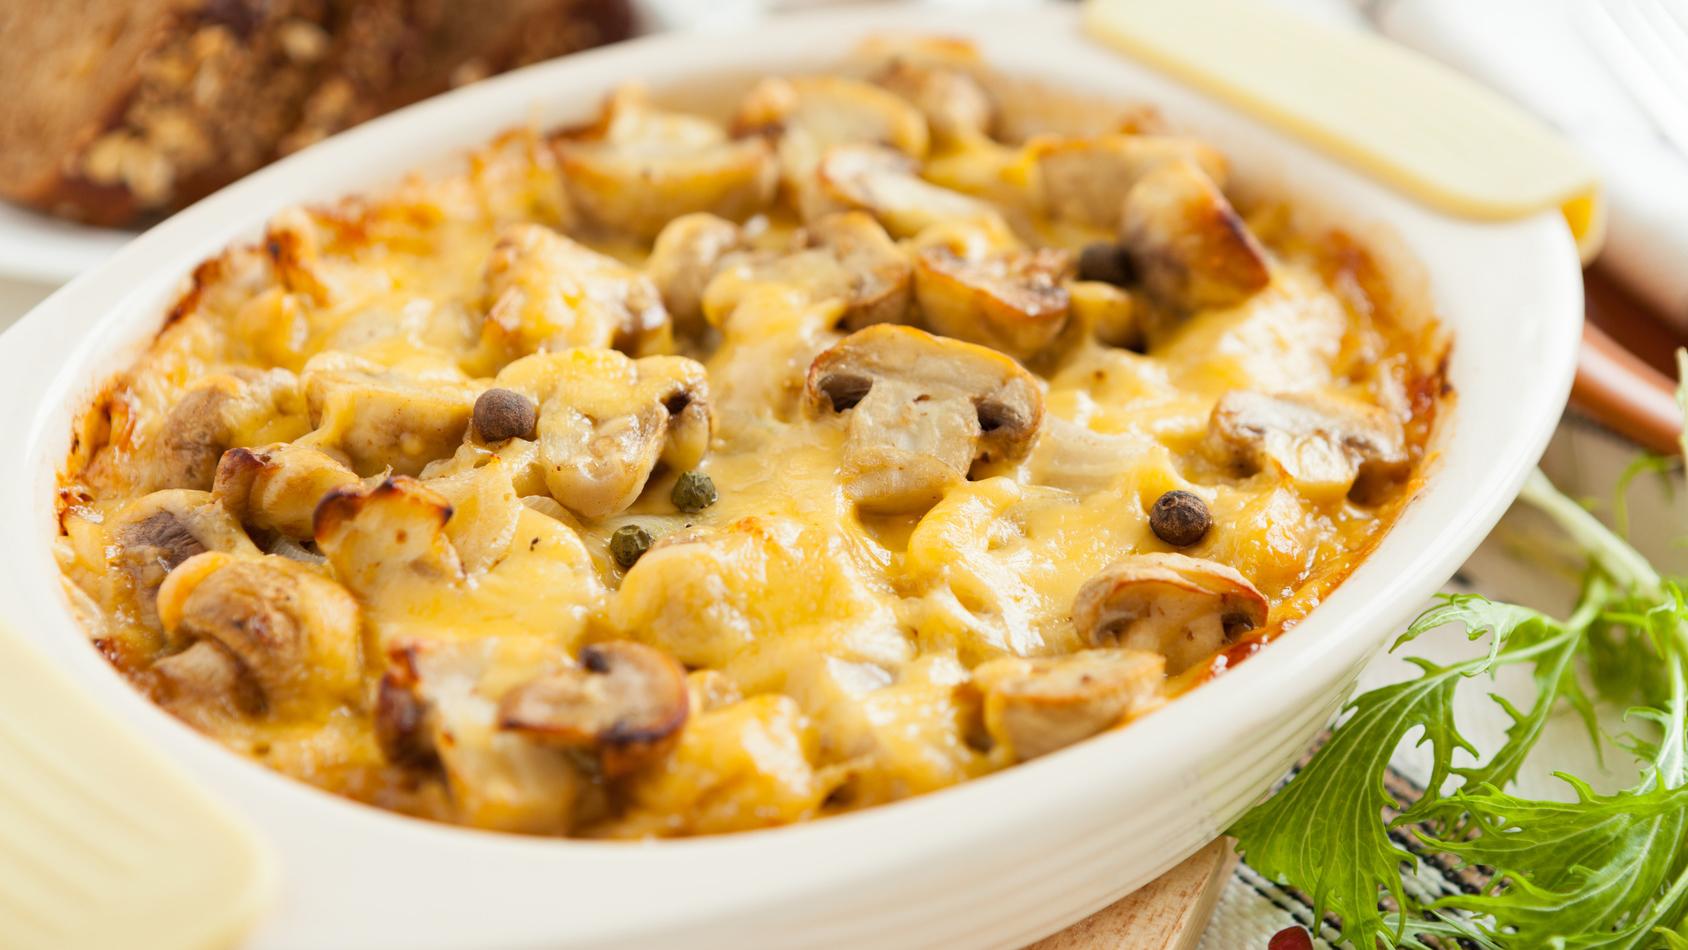 Полезная еда. Рецепты на каждый день. Ужин, Запечённая куриная грудка с грибами